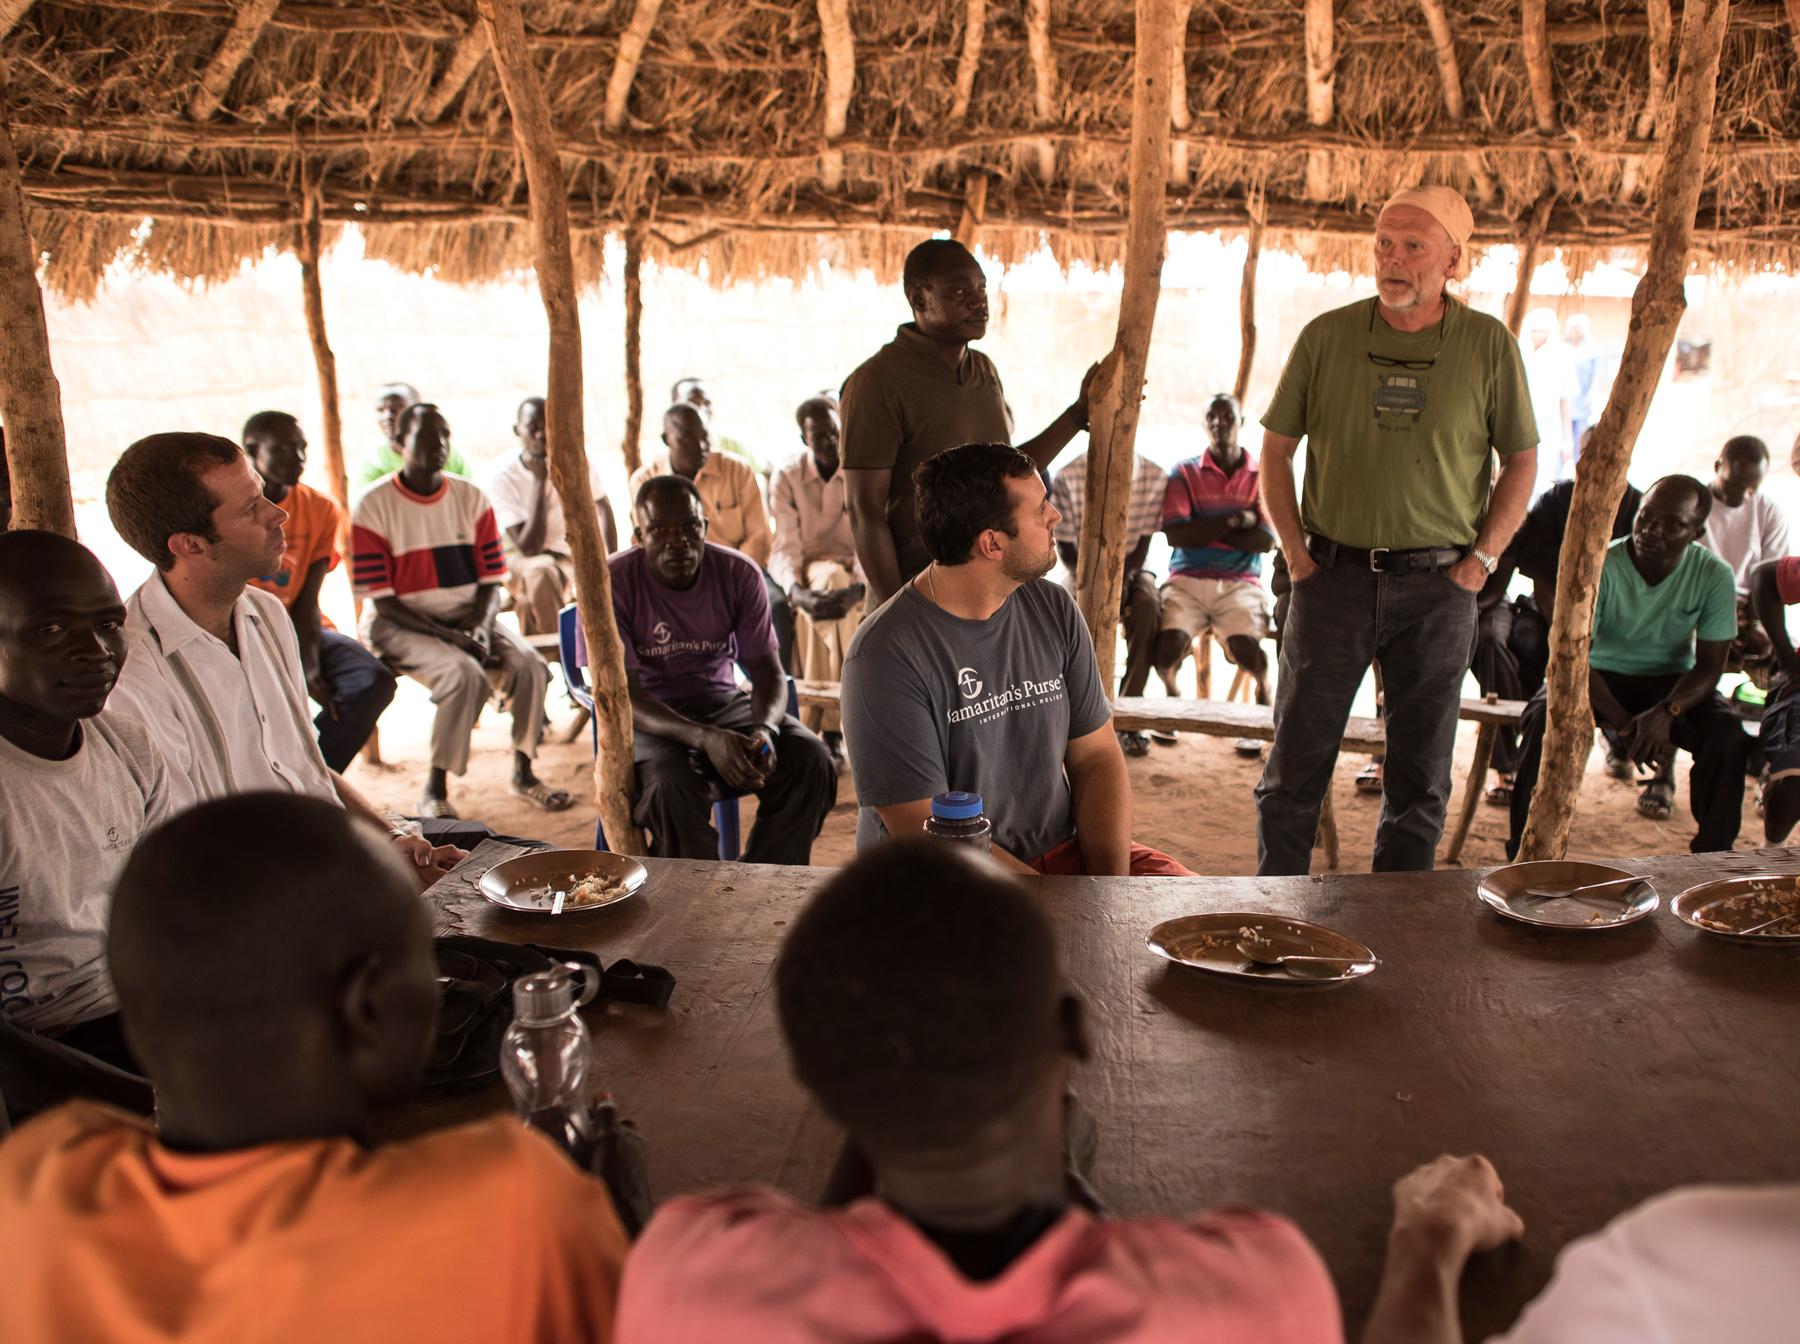 Ken Isaacs de pé debaixo de cabana, com homens de pé e sentados ao seu redor (Bolsa do Samaritano)